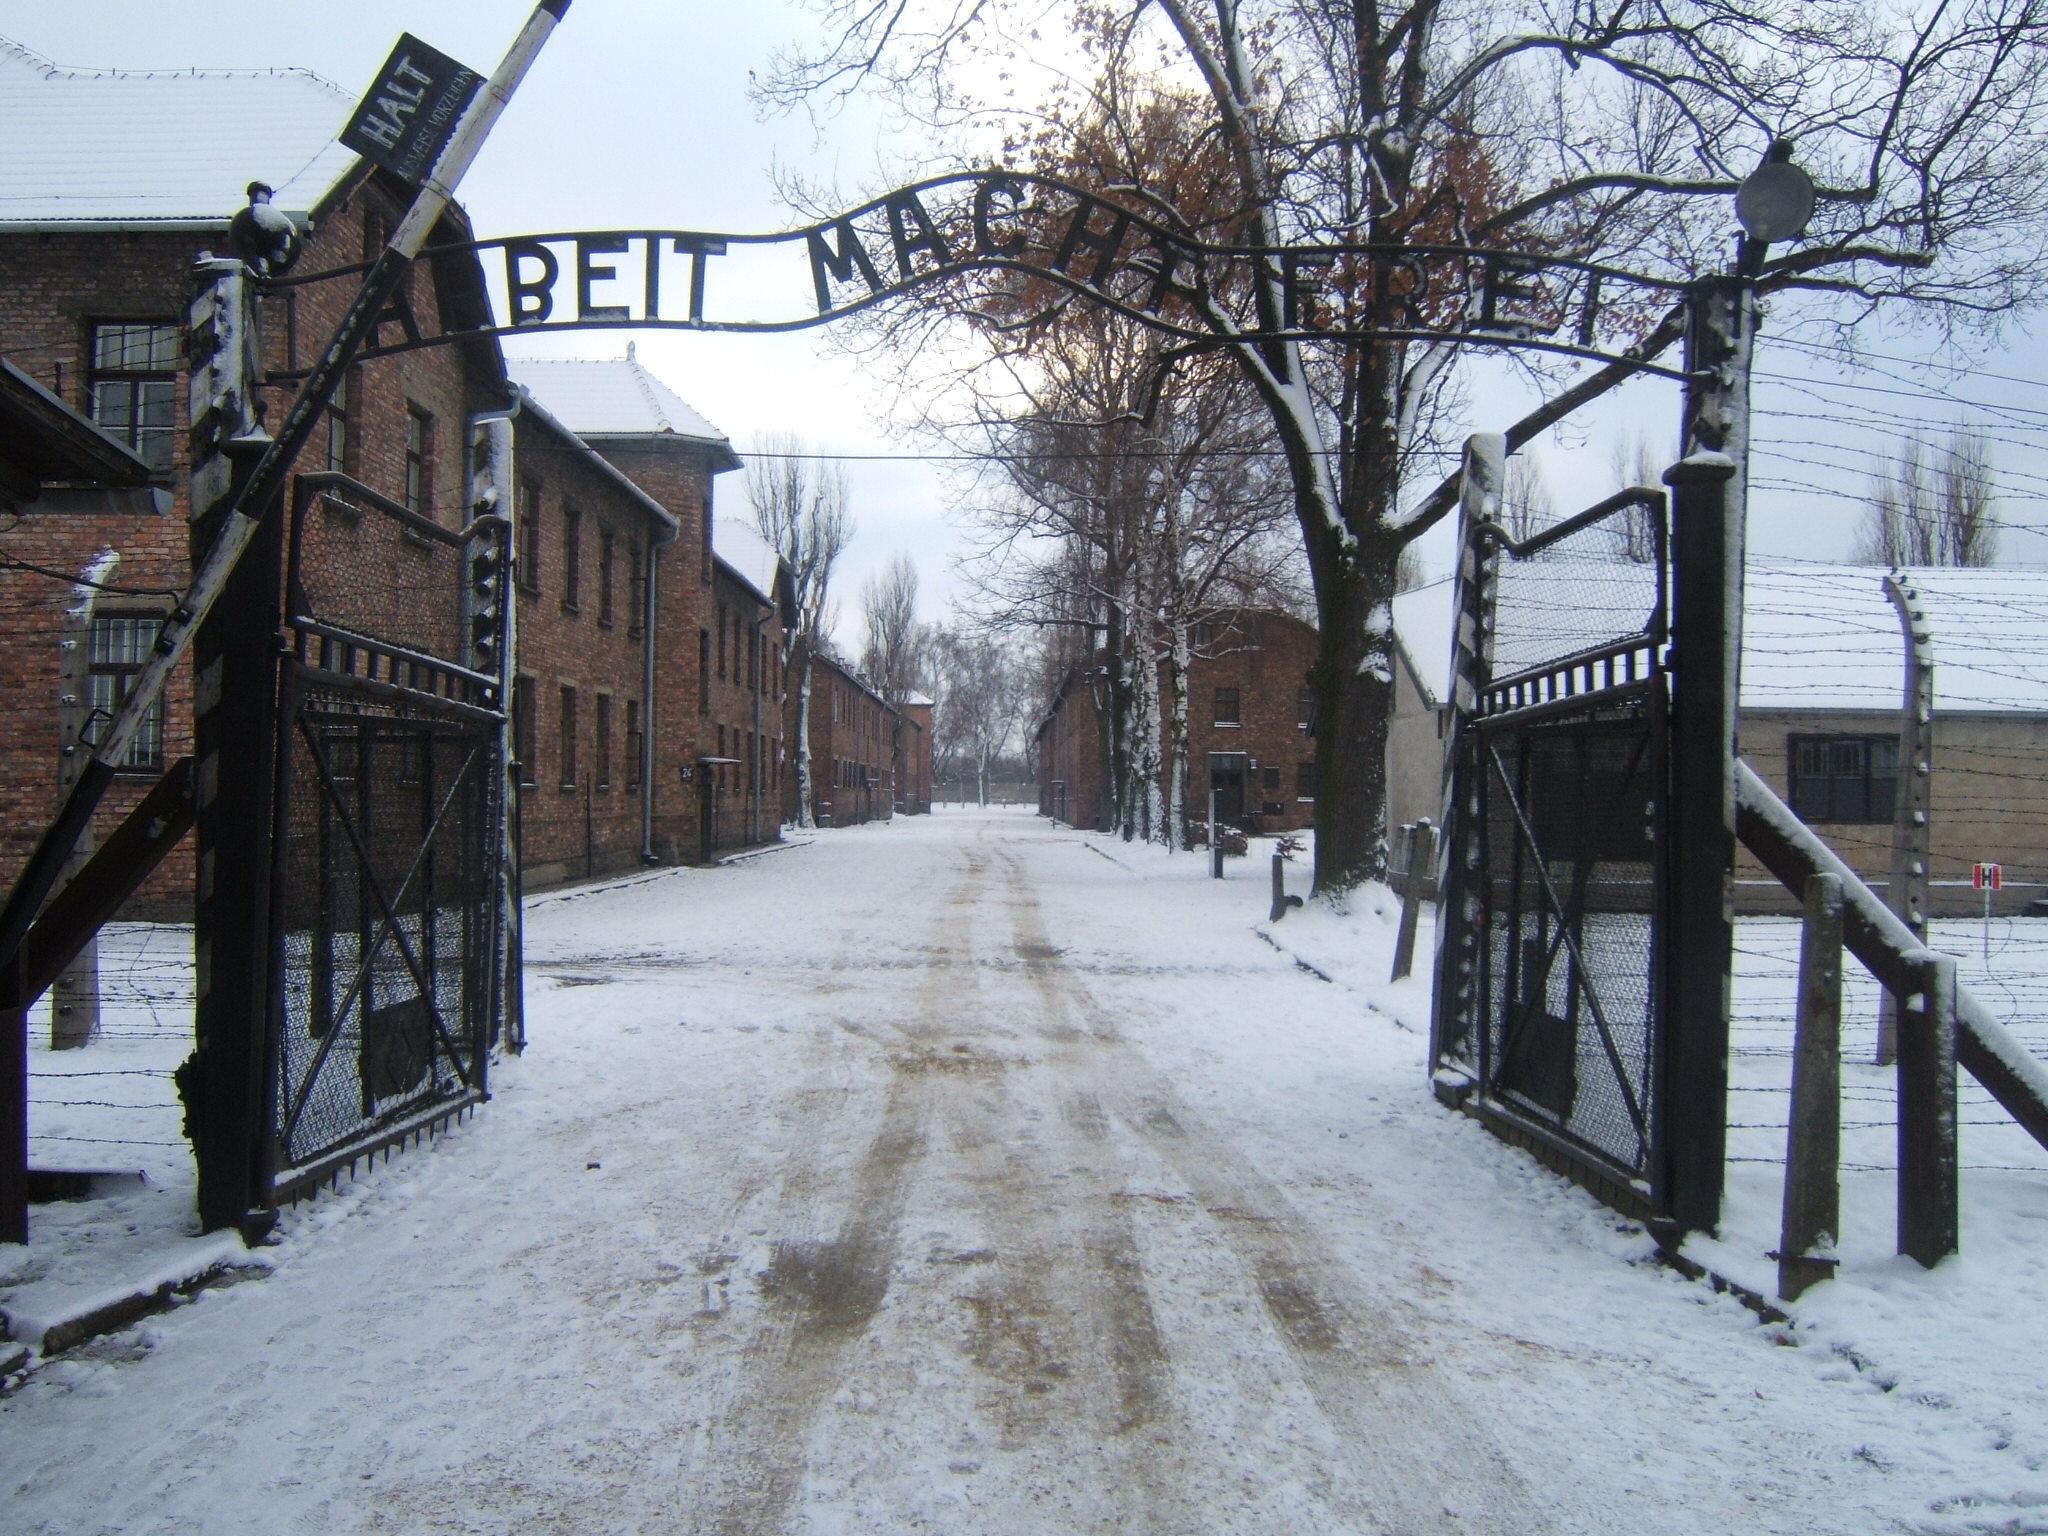 L'entrata del campo di concentramento di Auschwitz con la tristemente celebre scritta Arbeit macht frei